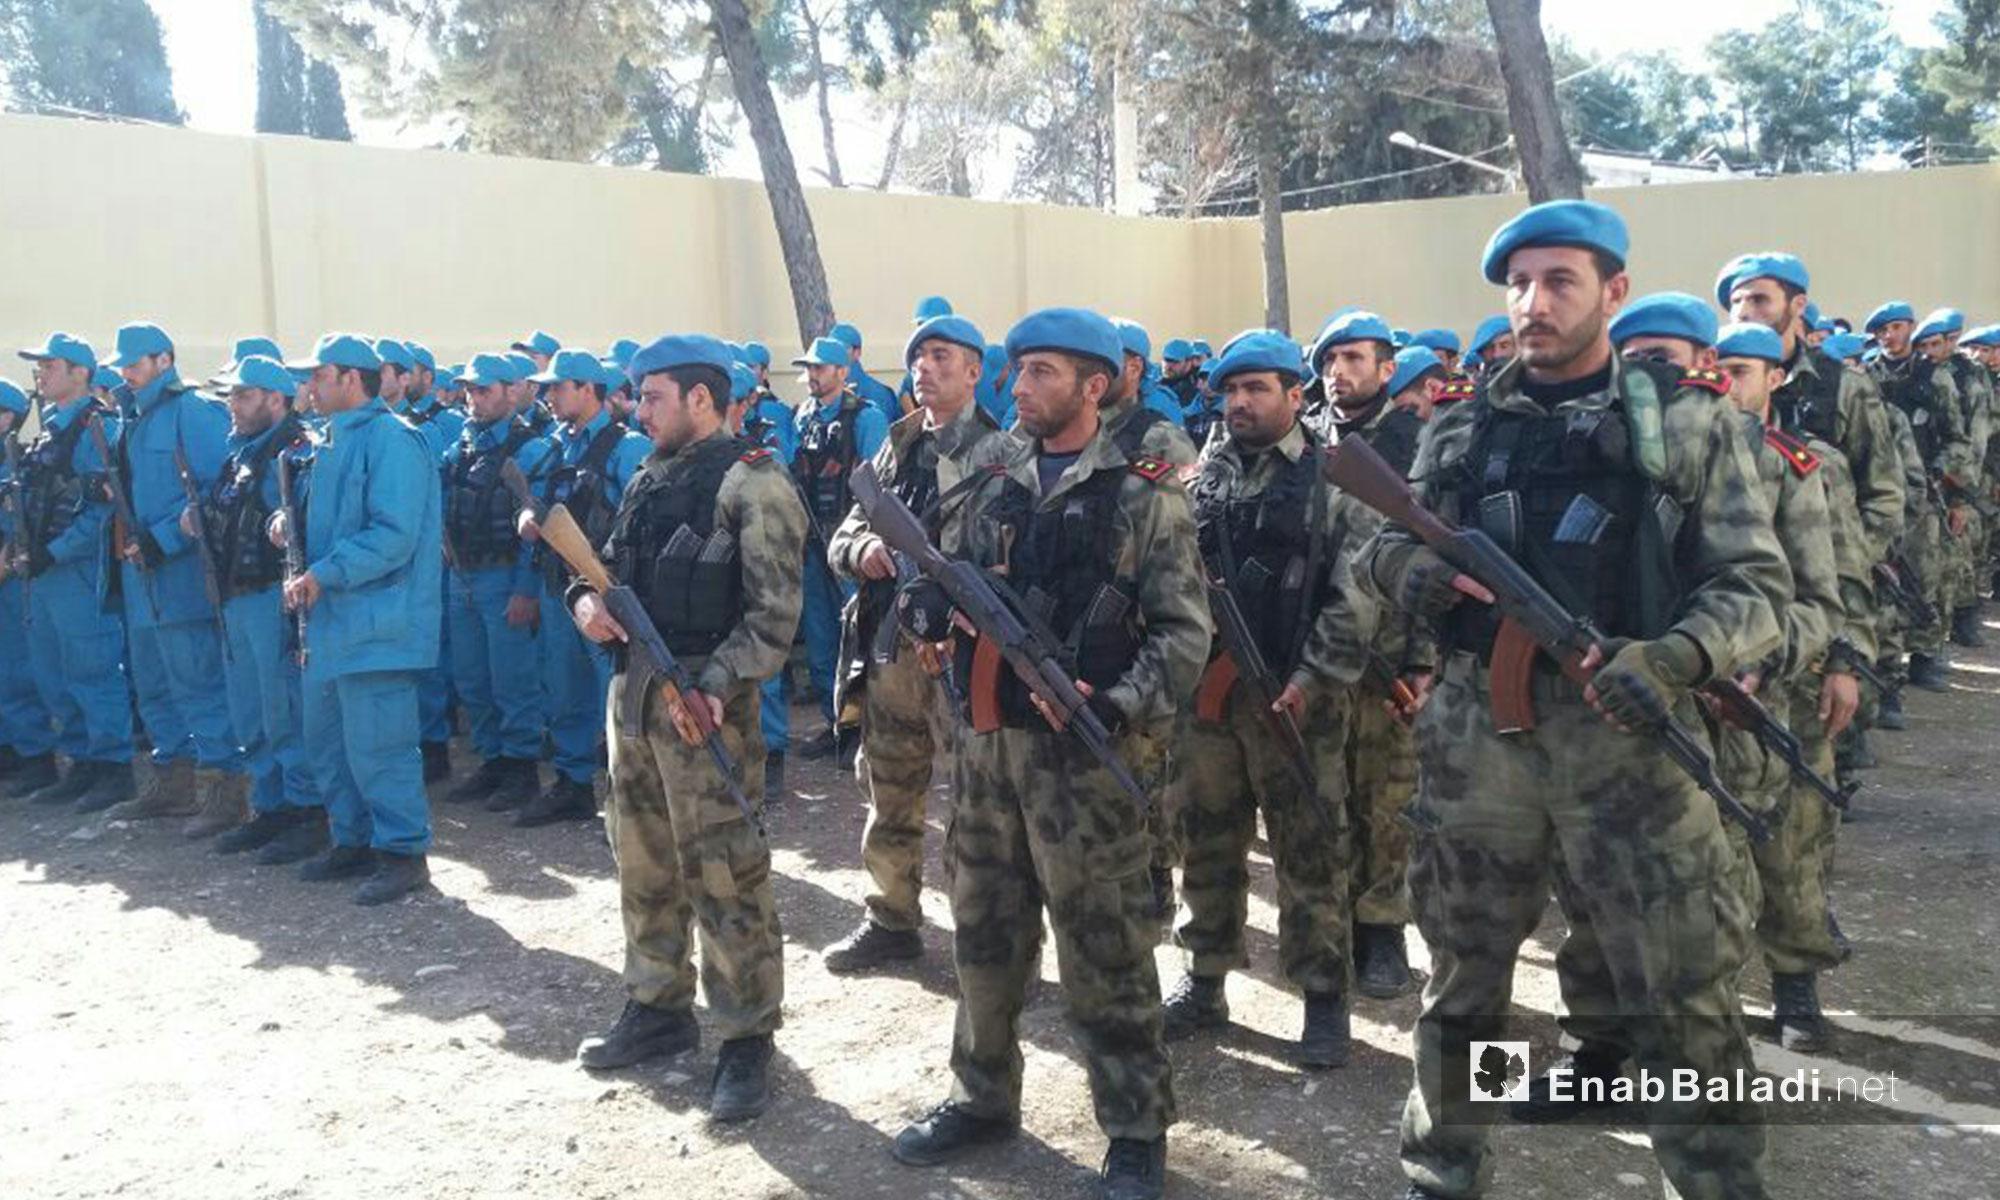 """تم تدريب عناصر """"الشرطة"""" في تركيا ليكونوا القوة المسلحة الوحيدة داخل المناطق المدنية"""